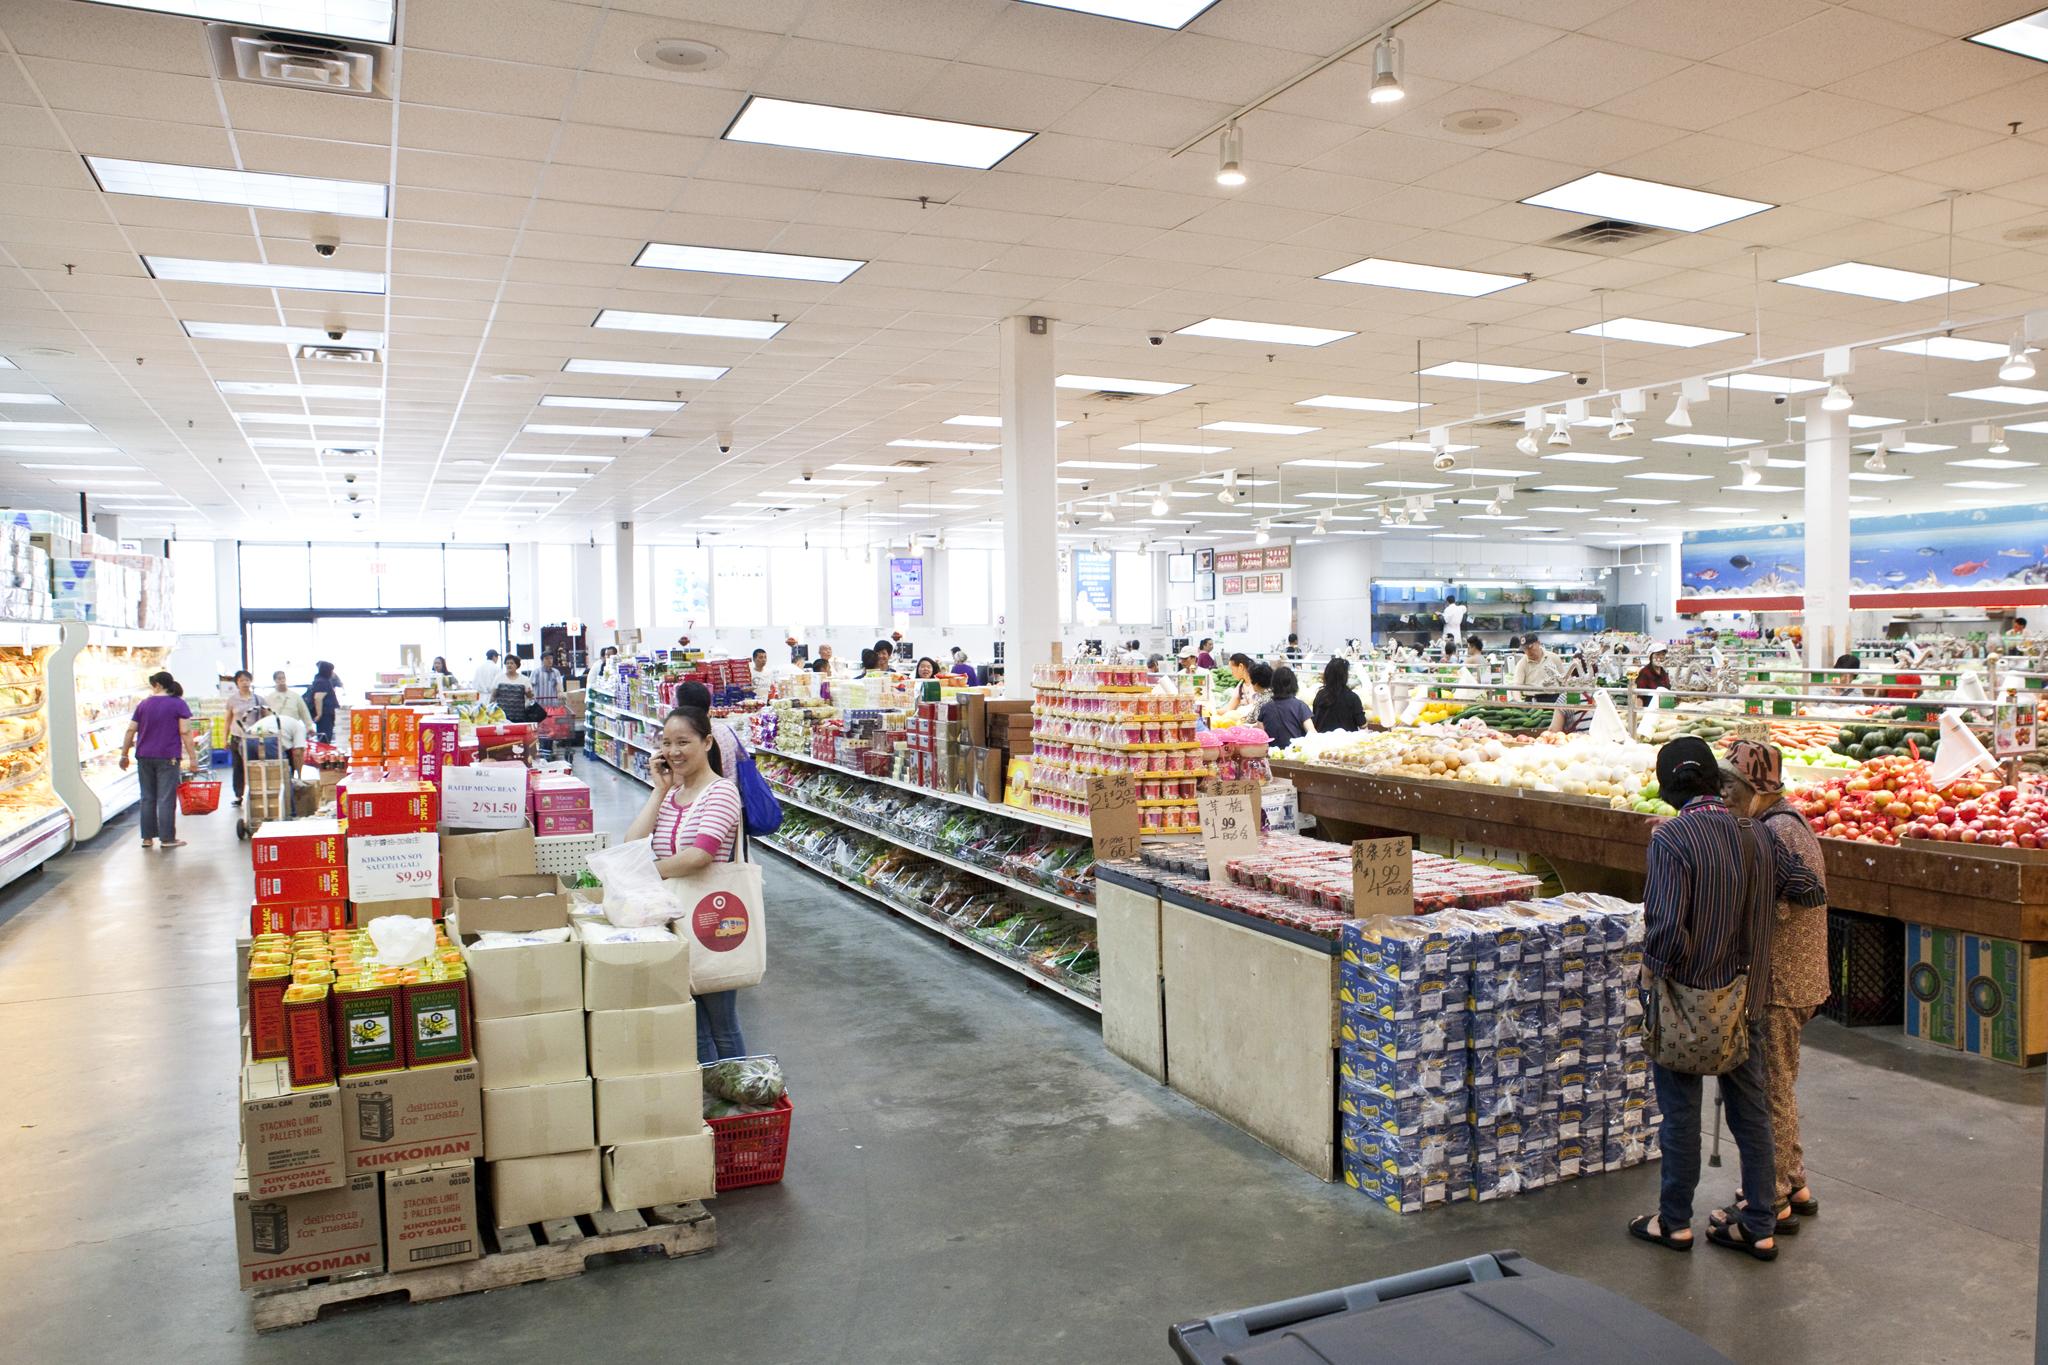 Market: Fei Long Market